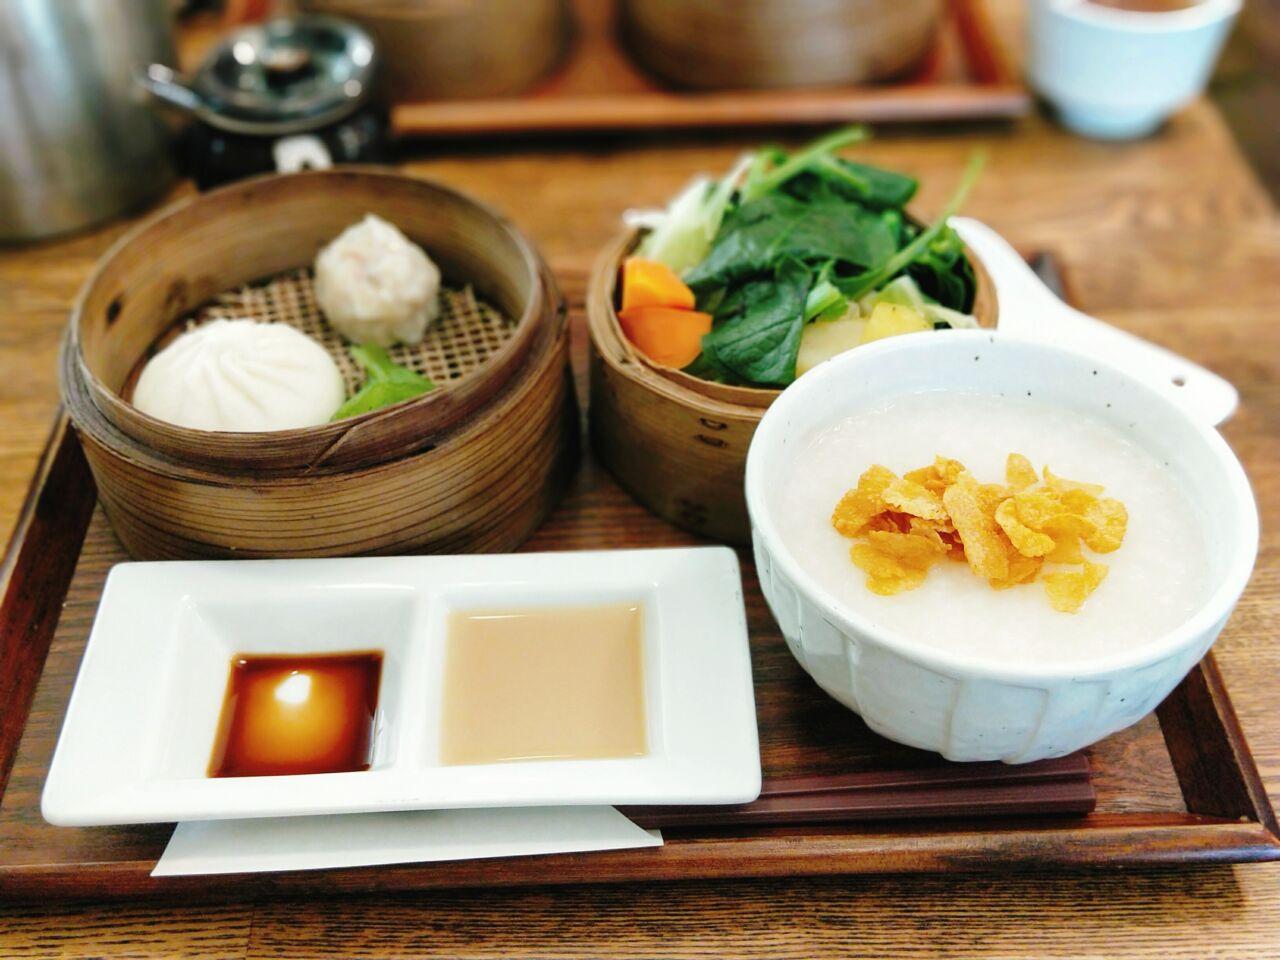 農家厨房(肥後橋駅・野菜料理、中華料理)